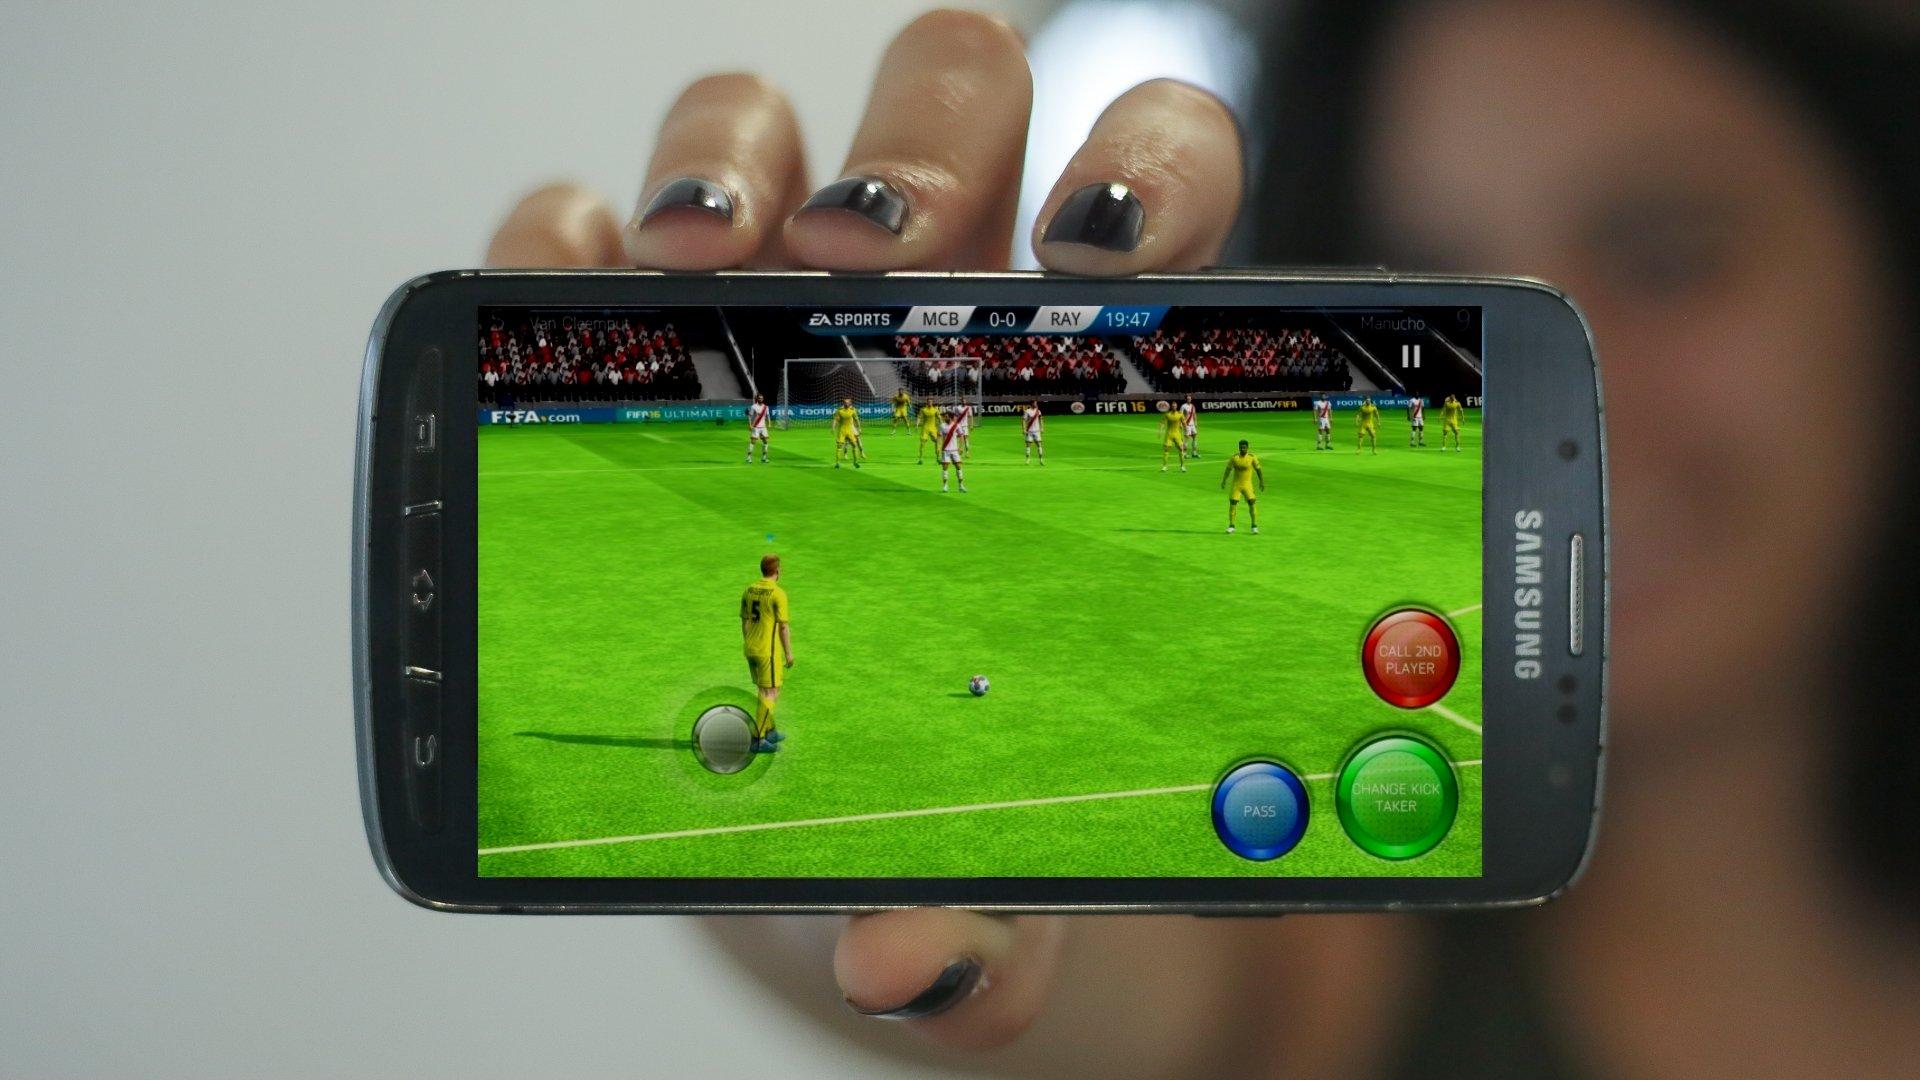 les meilleurs jeux de football sur android androidpit. Black Bedroom Furniture Sets. Home Design Ideas